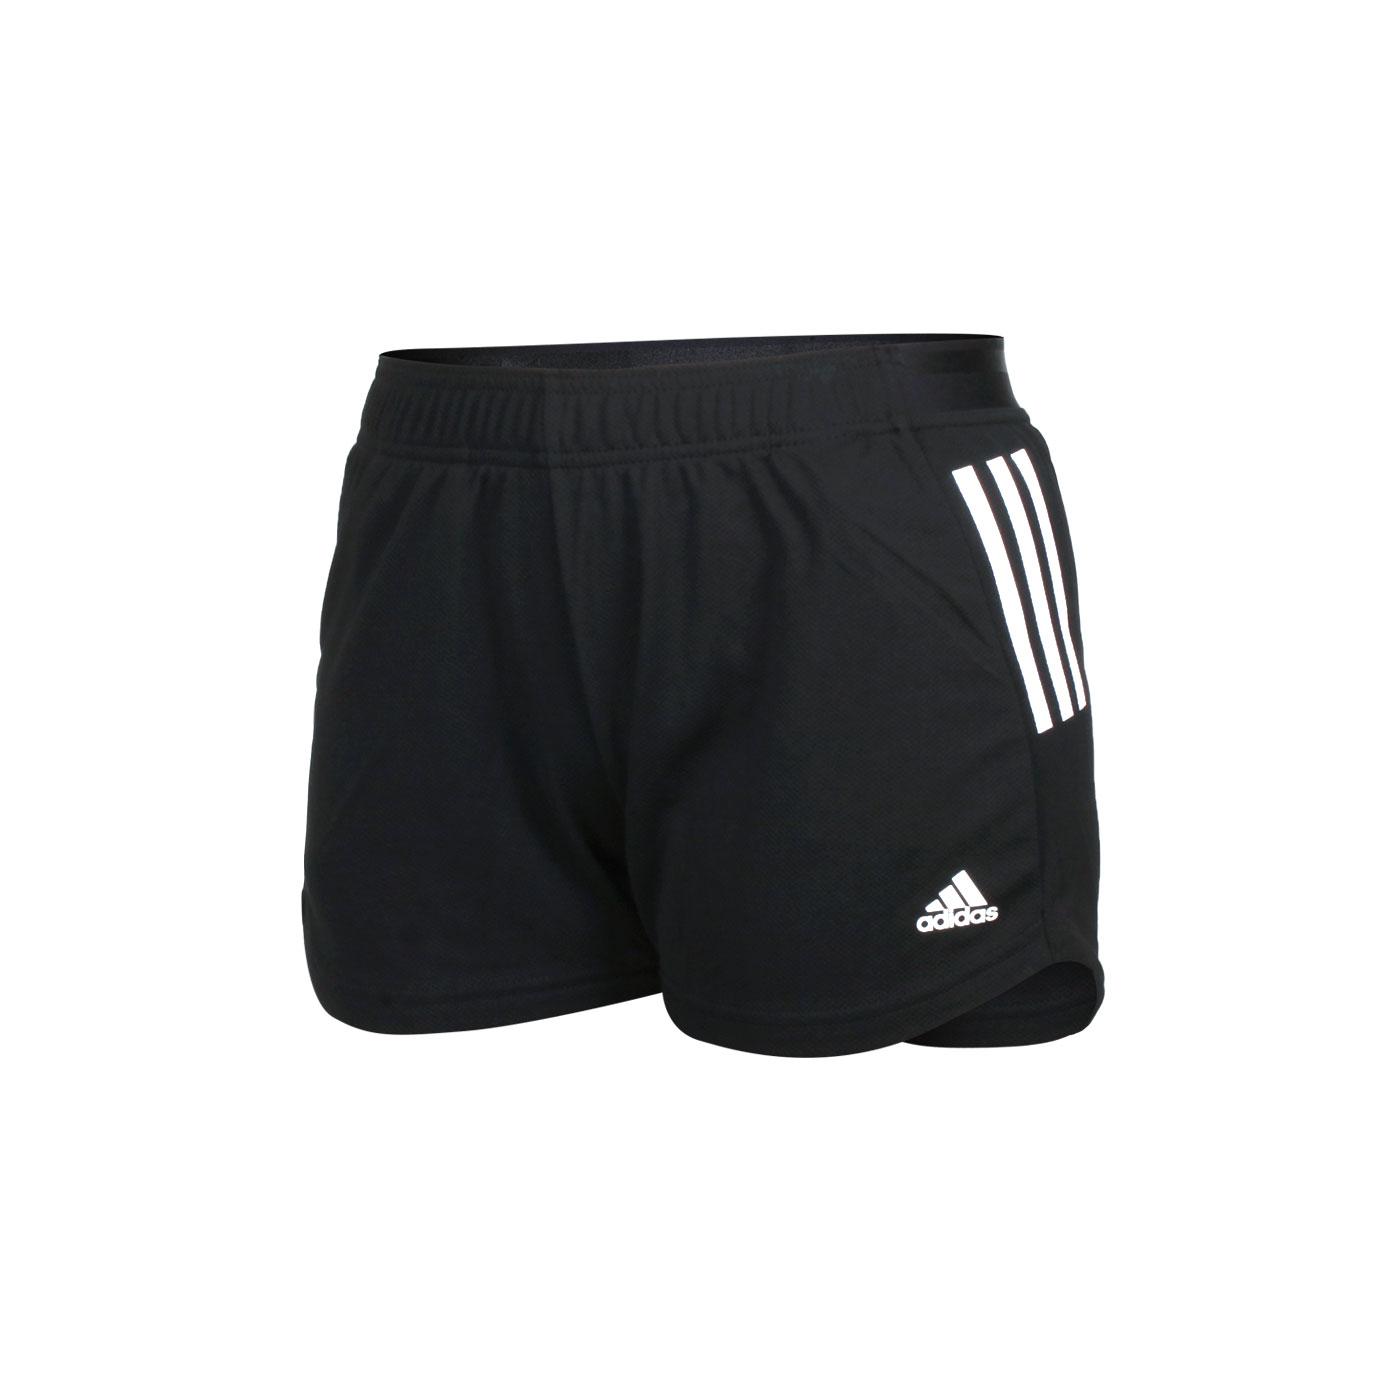 ADIDAS 女款運動短褲 H45575 - 黑白